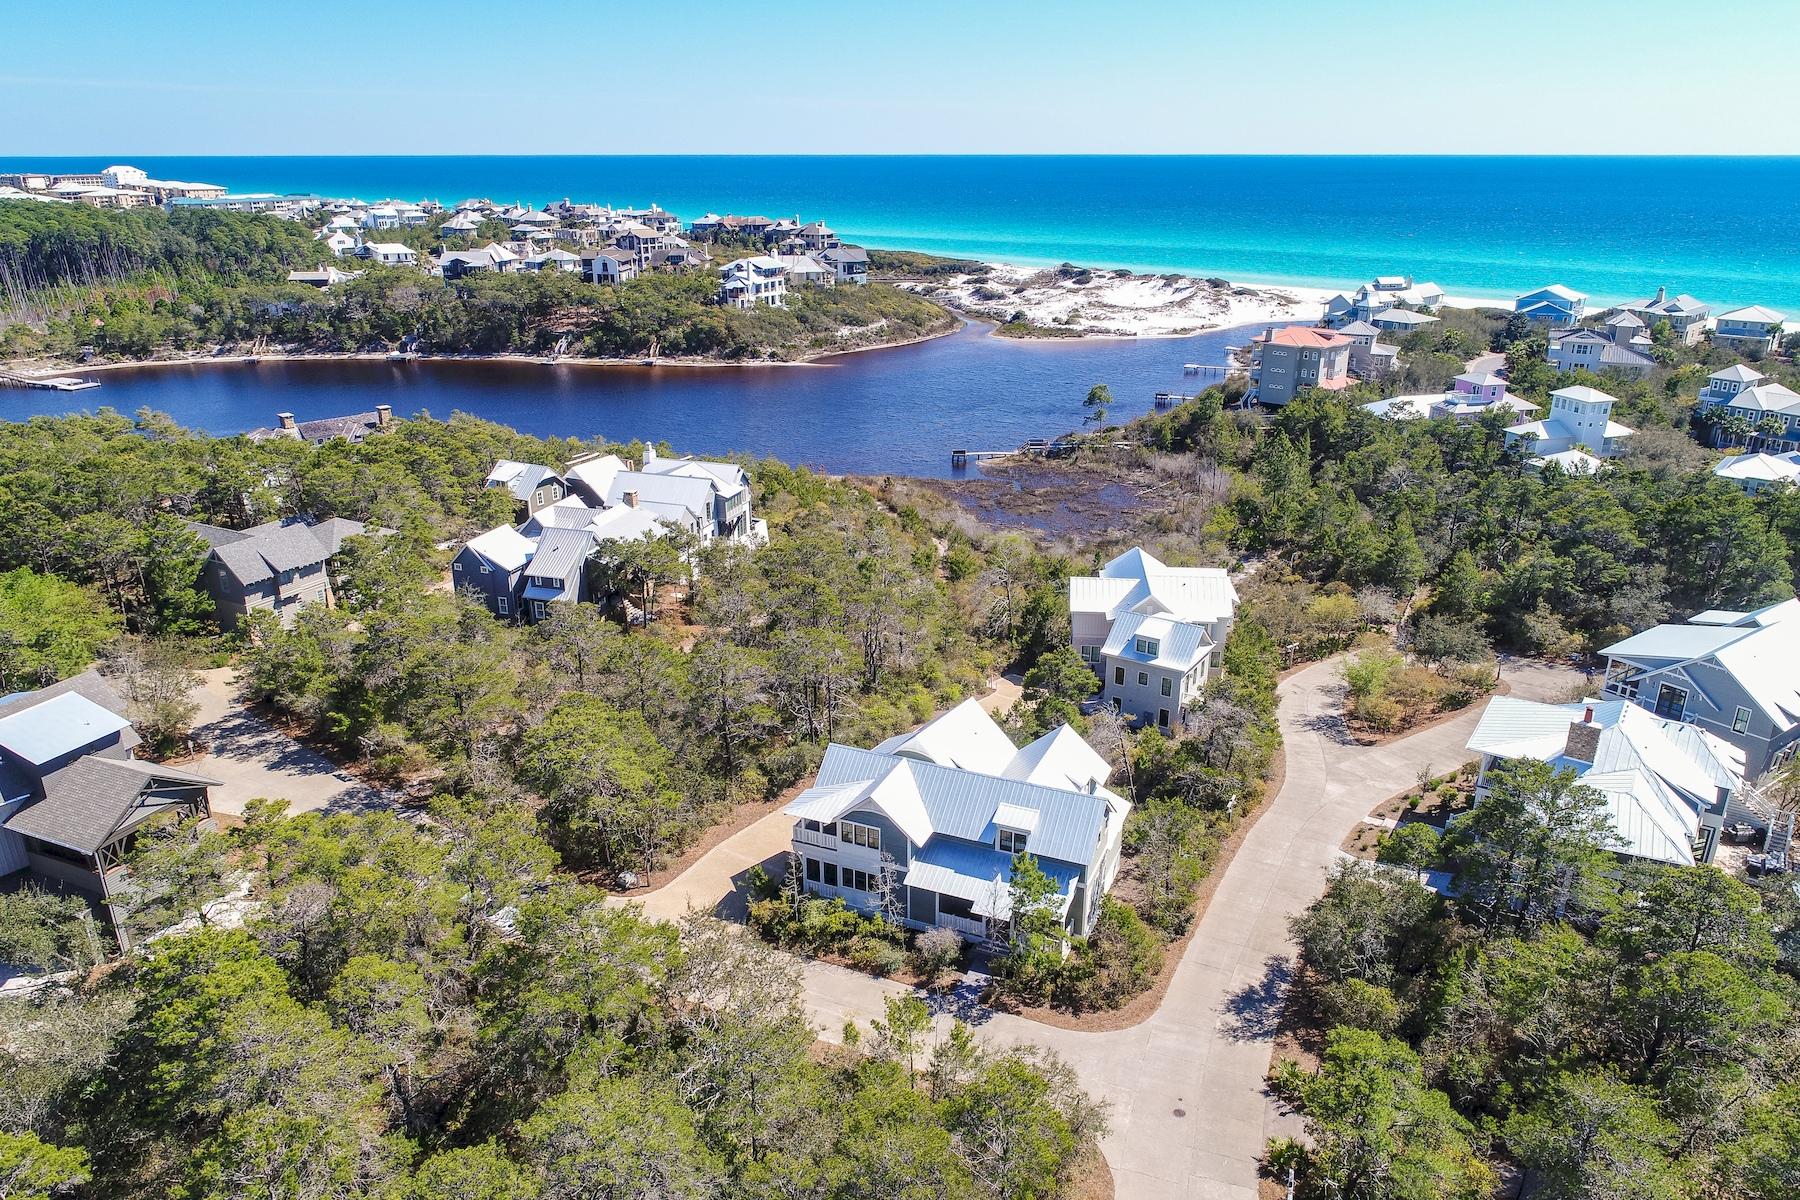 Частный односемейный дом для того Продажа на Impressive Coastal Industrial Design with Amazing Views 15 Lake Trail Lane, Santa Rosa Beach, Флорида, 32459 Соединенные Штаты